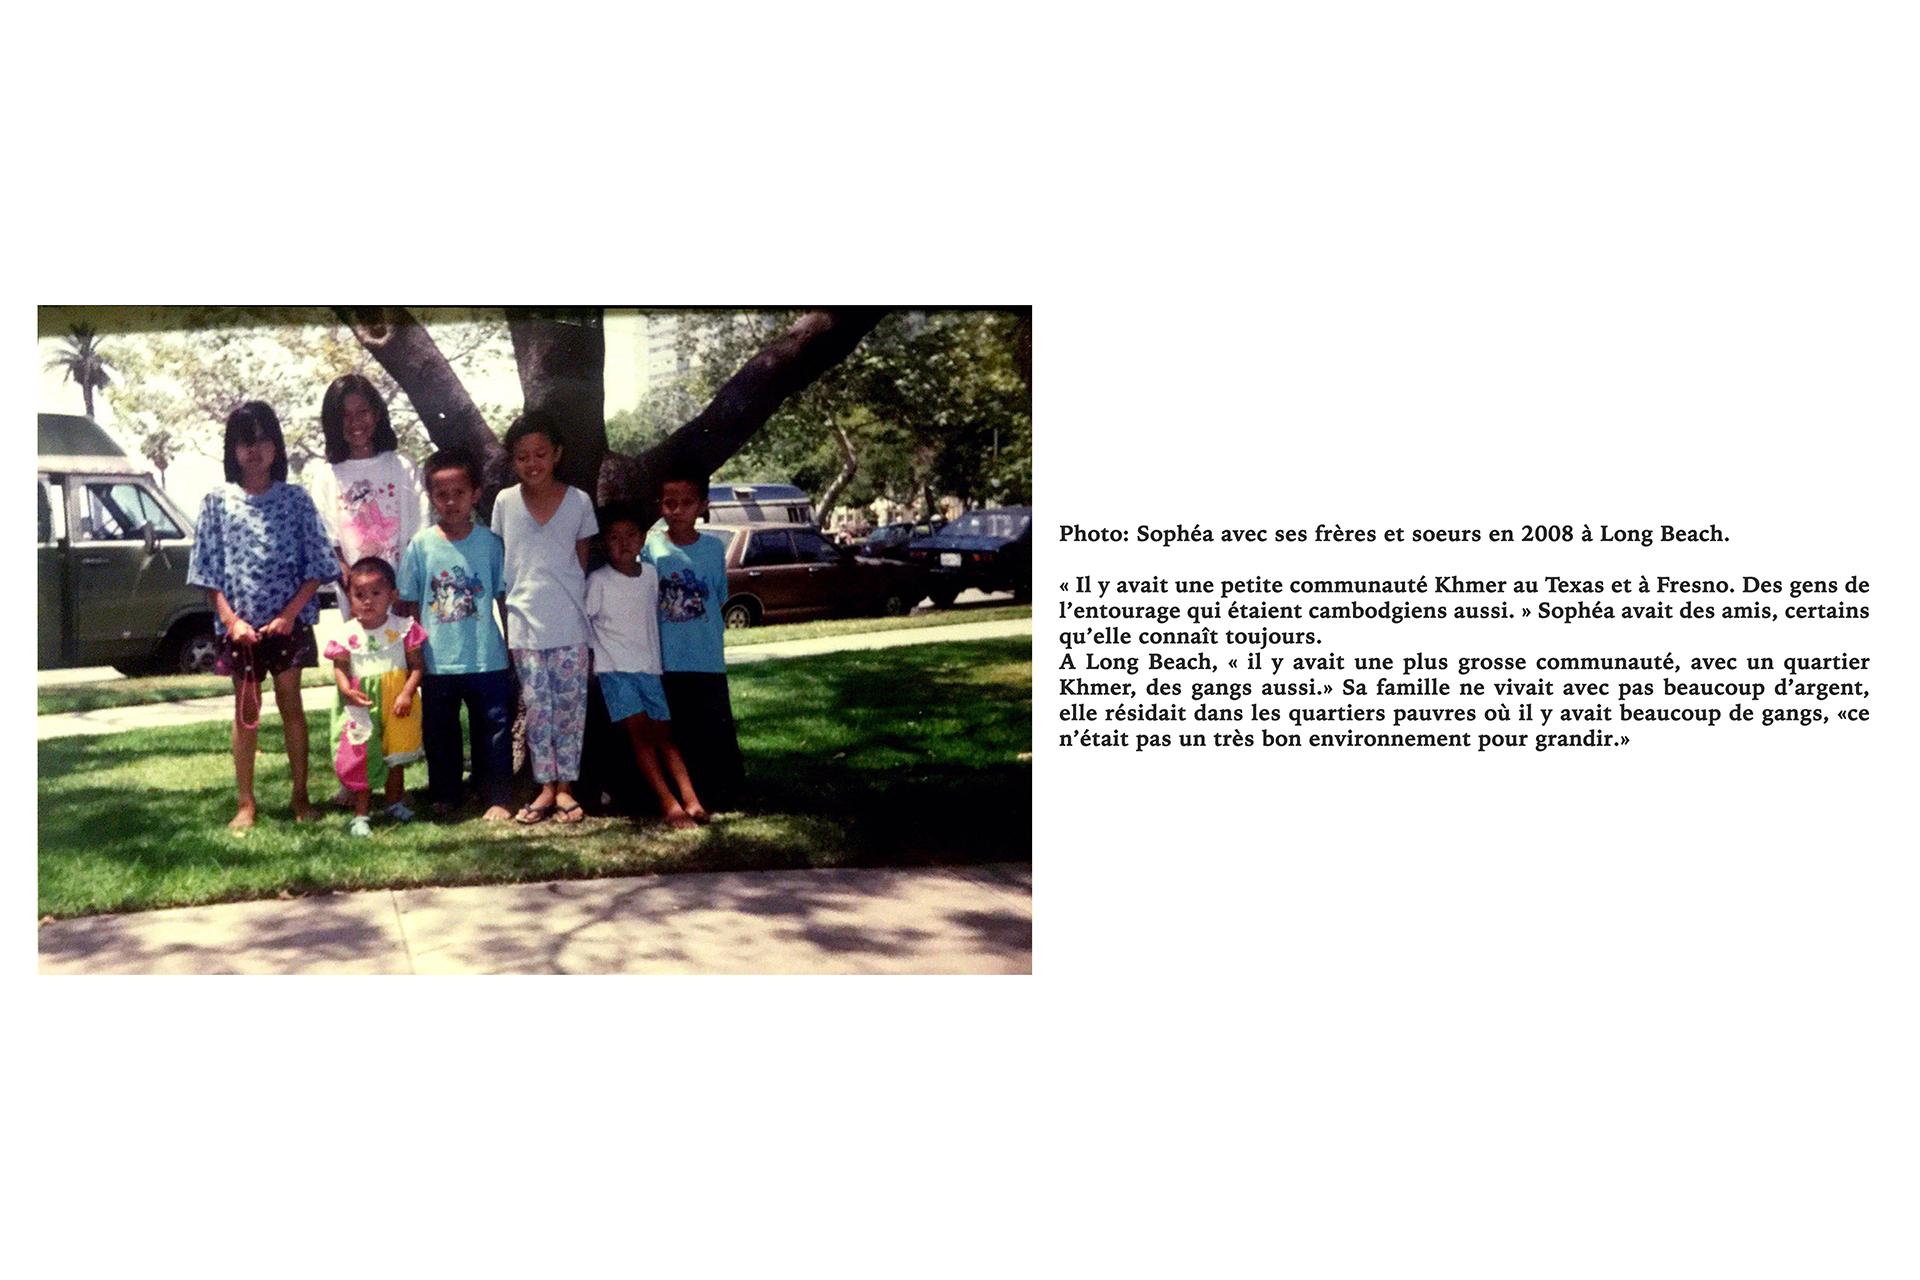 Photo: Sophéa avec ses frères et soeurs en 2008 à Long Beach.« Il y avait une petite communauté Khmer au Texas et à Fresno. Des gens de l'entourage qui étaient cambodgiens aussi. » Sophéa avait des amis, certains qu'elle connaît toujours. A Long Beach, « il y avait une plus grosse communauté, avec un quartier Khmer, des gangs aussi.» Sa famille ne vivait avec pas beaucoup d'argent, elle résidait dans les quartiers pauvres où il y avait beaucoup de gangs, «ce n'était pas un très bon environnement pour grandir.»